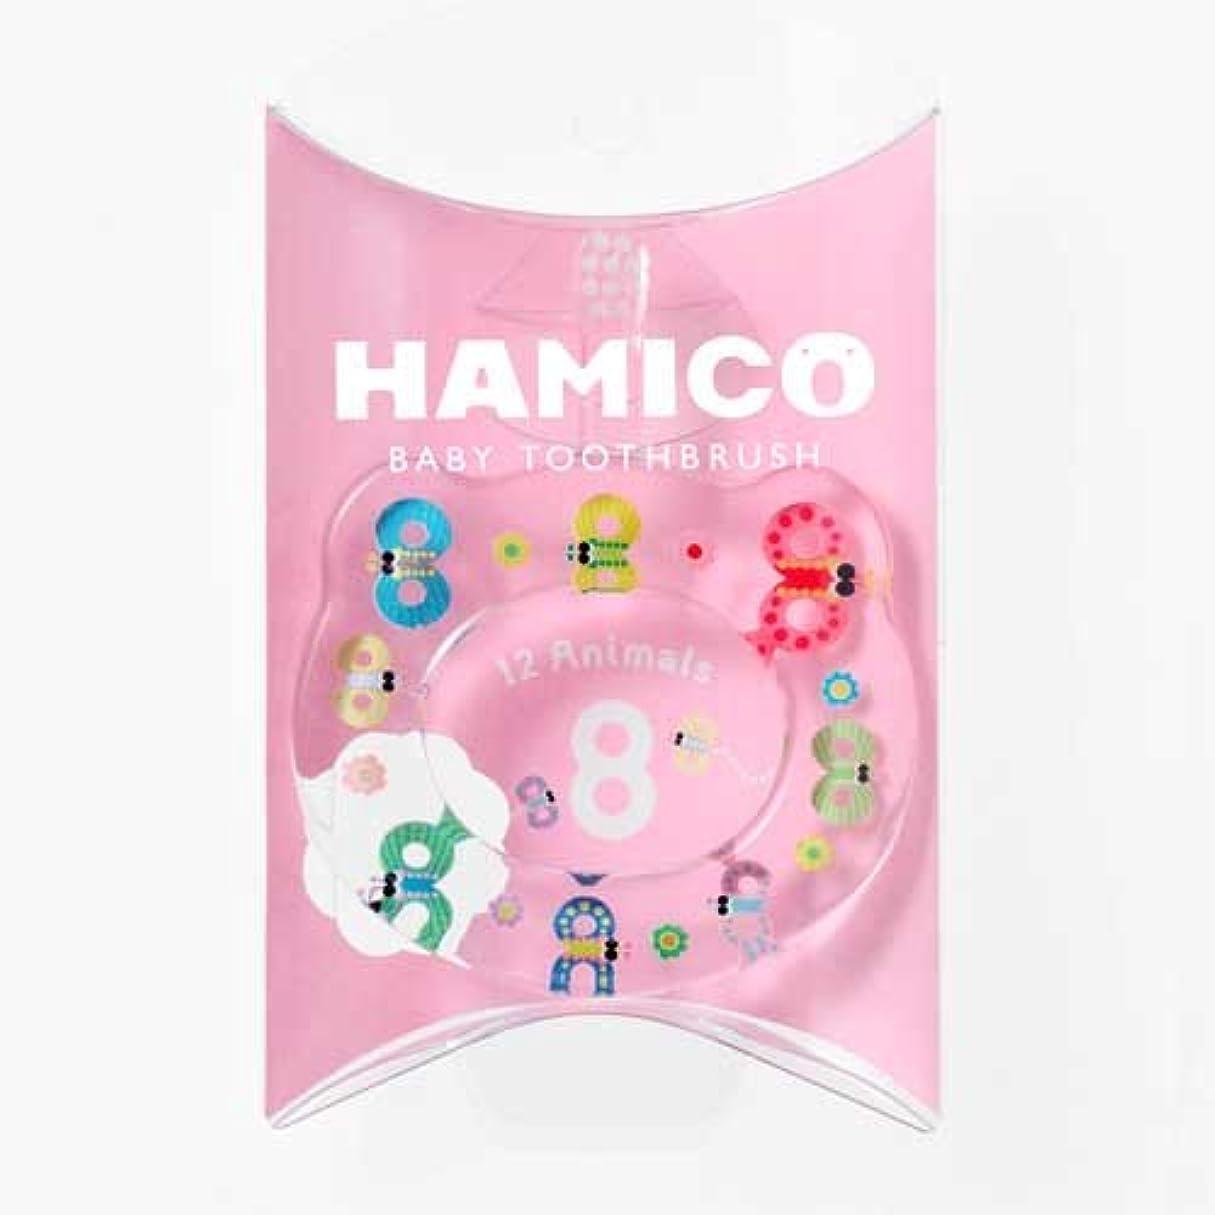 恩赦打ち上げるクラシカルHAMICO(ハミコ) ベビー歯ブラシ 「12 Animals(12アニマルズ)」シリーズ チョウ (08)